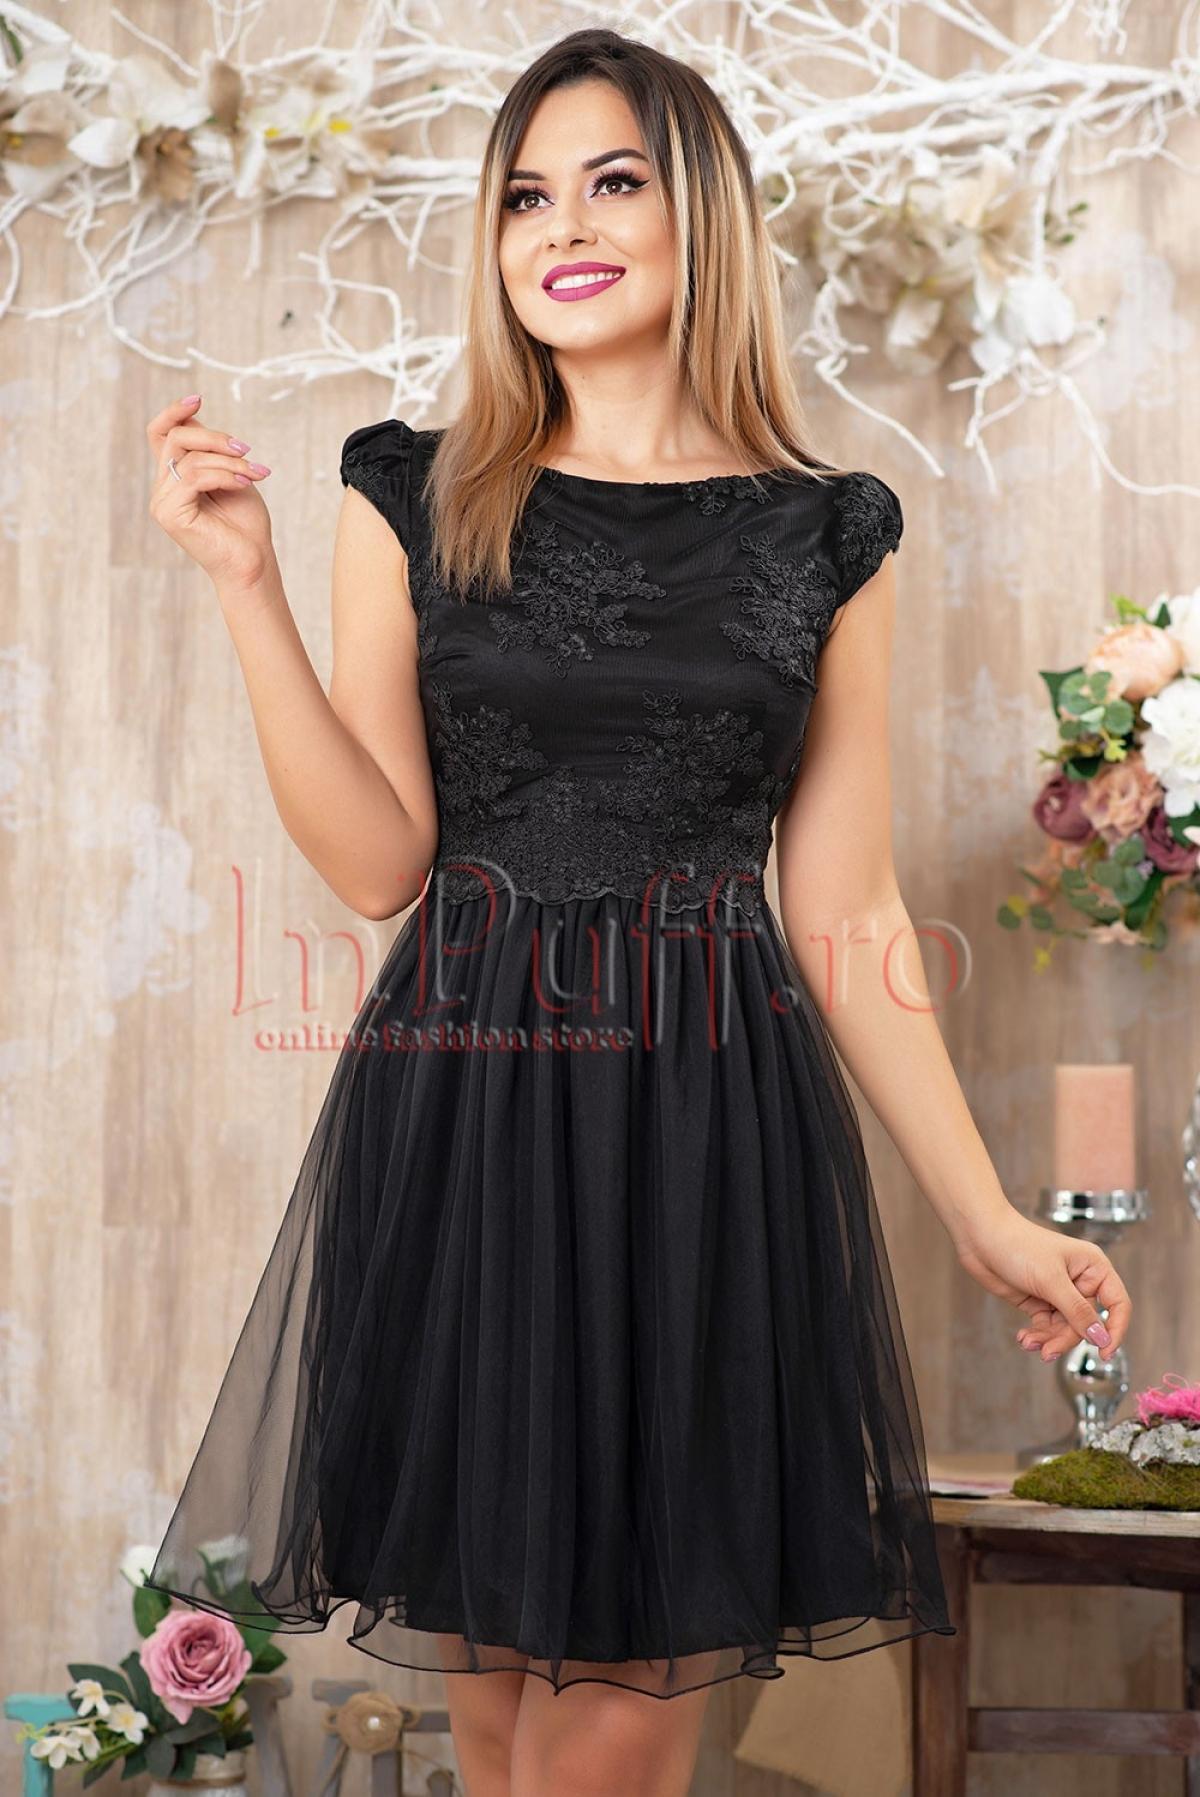 Rochie de ocazie din tul negru si broderie